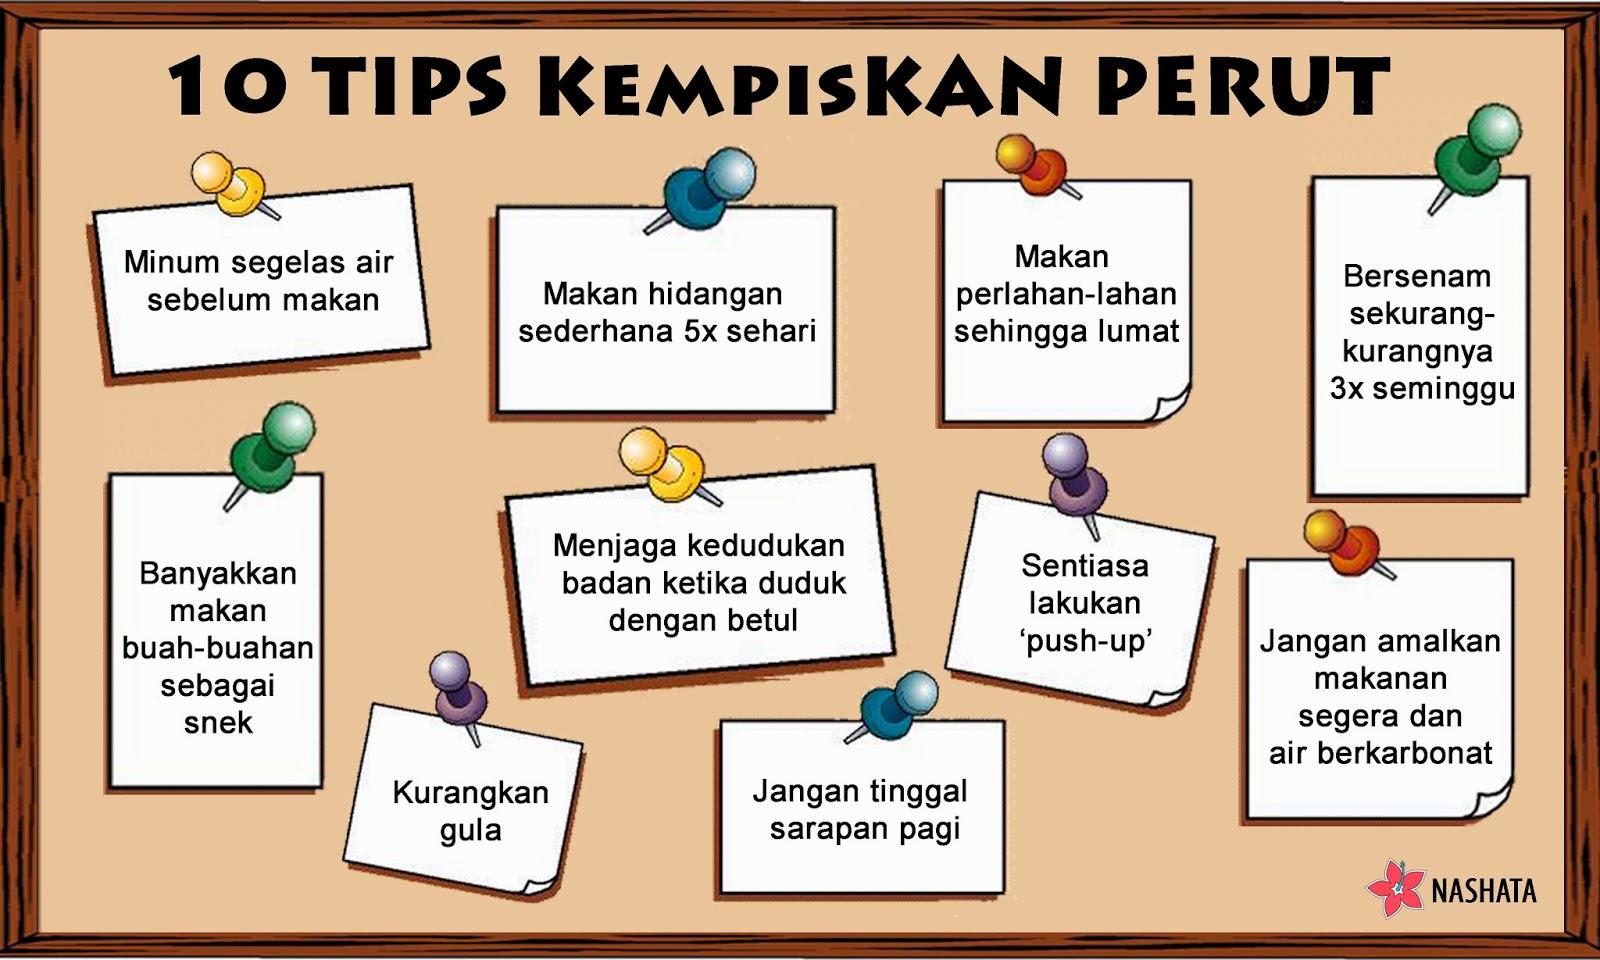 Tips Kekal Kurus Dan Cantik 03b7a67826